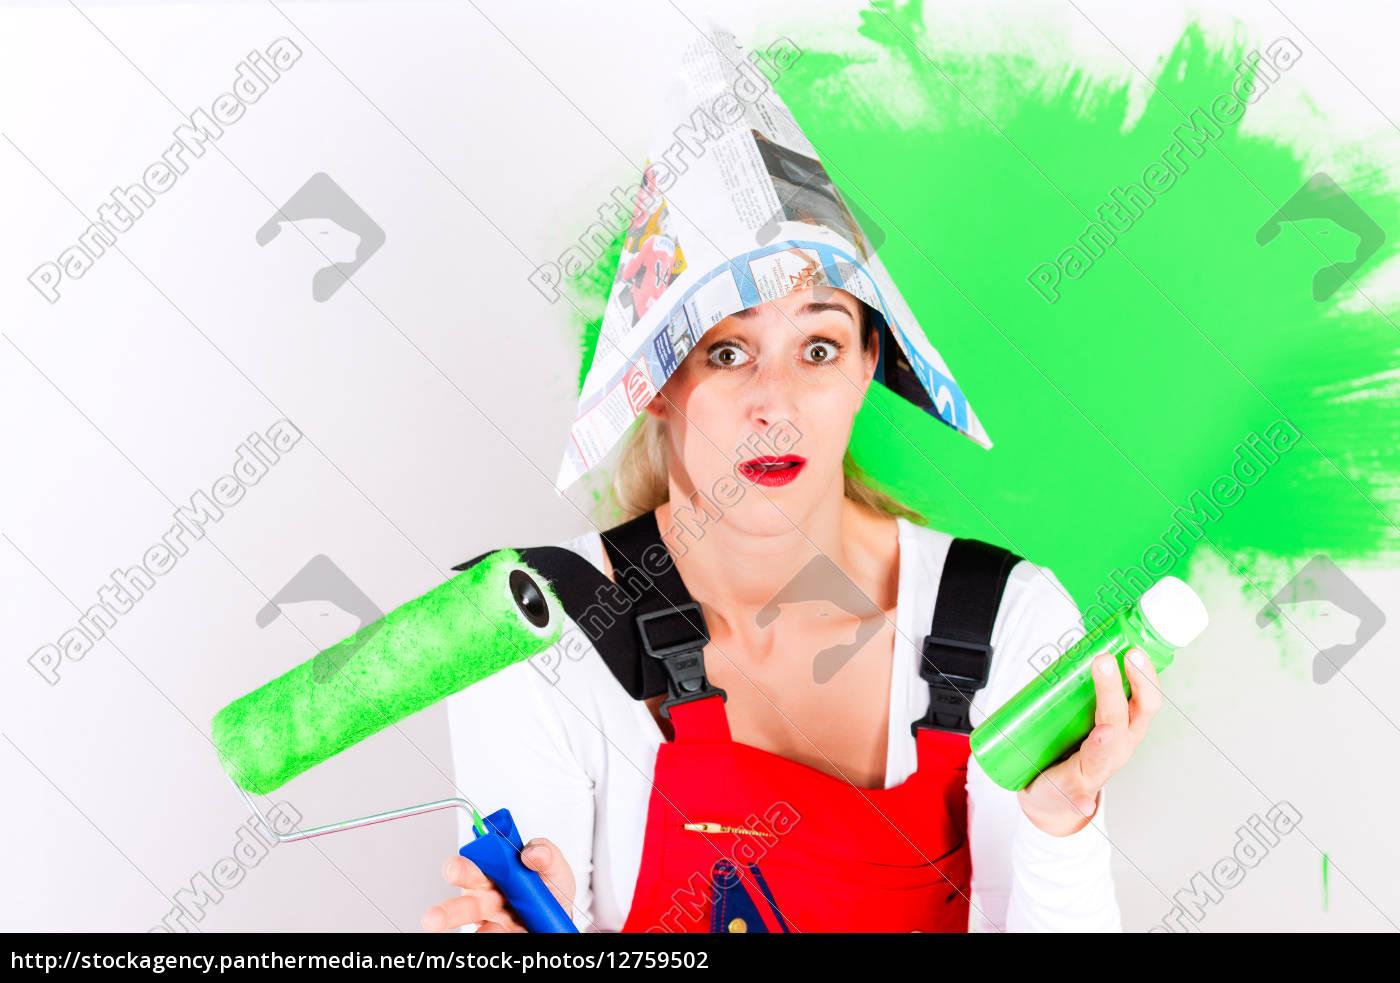 mujer, hacer, diy, y, broma, - 12759502